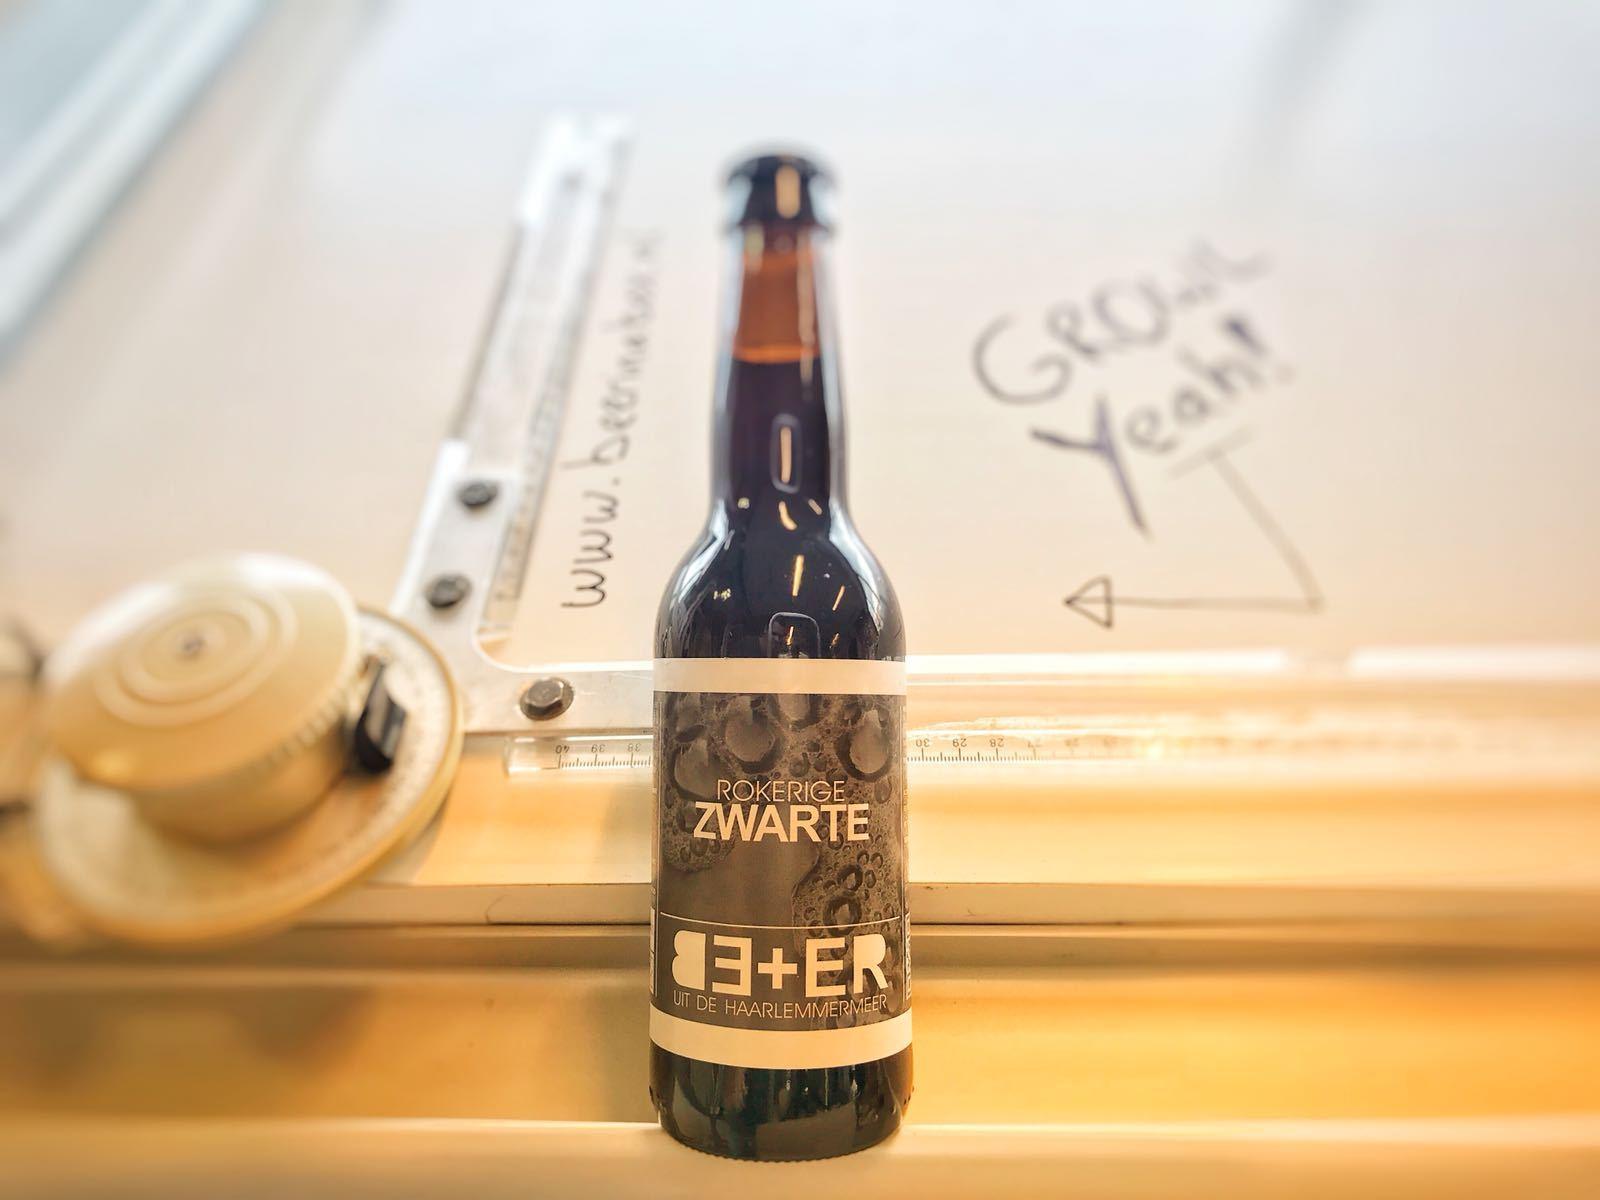 Rokerige Zwarte van BE+ER Bierbrouwers